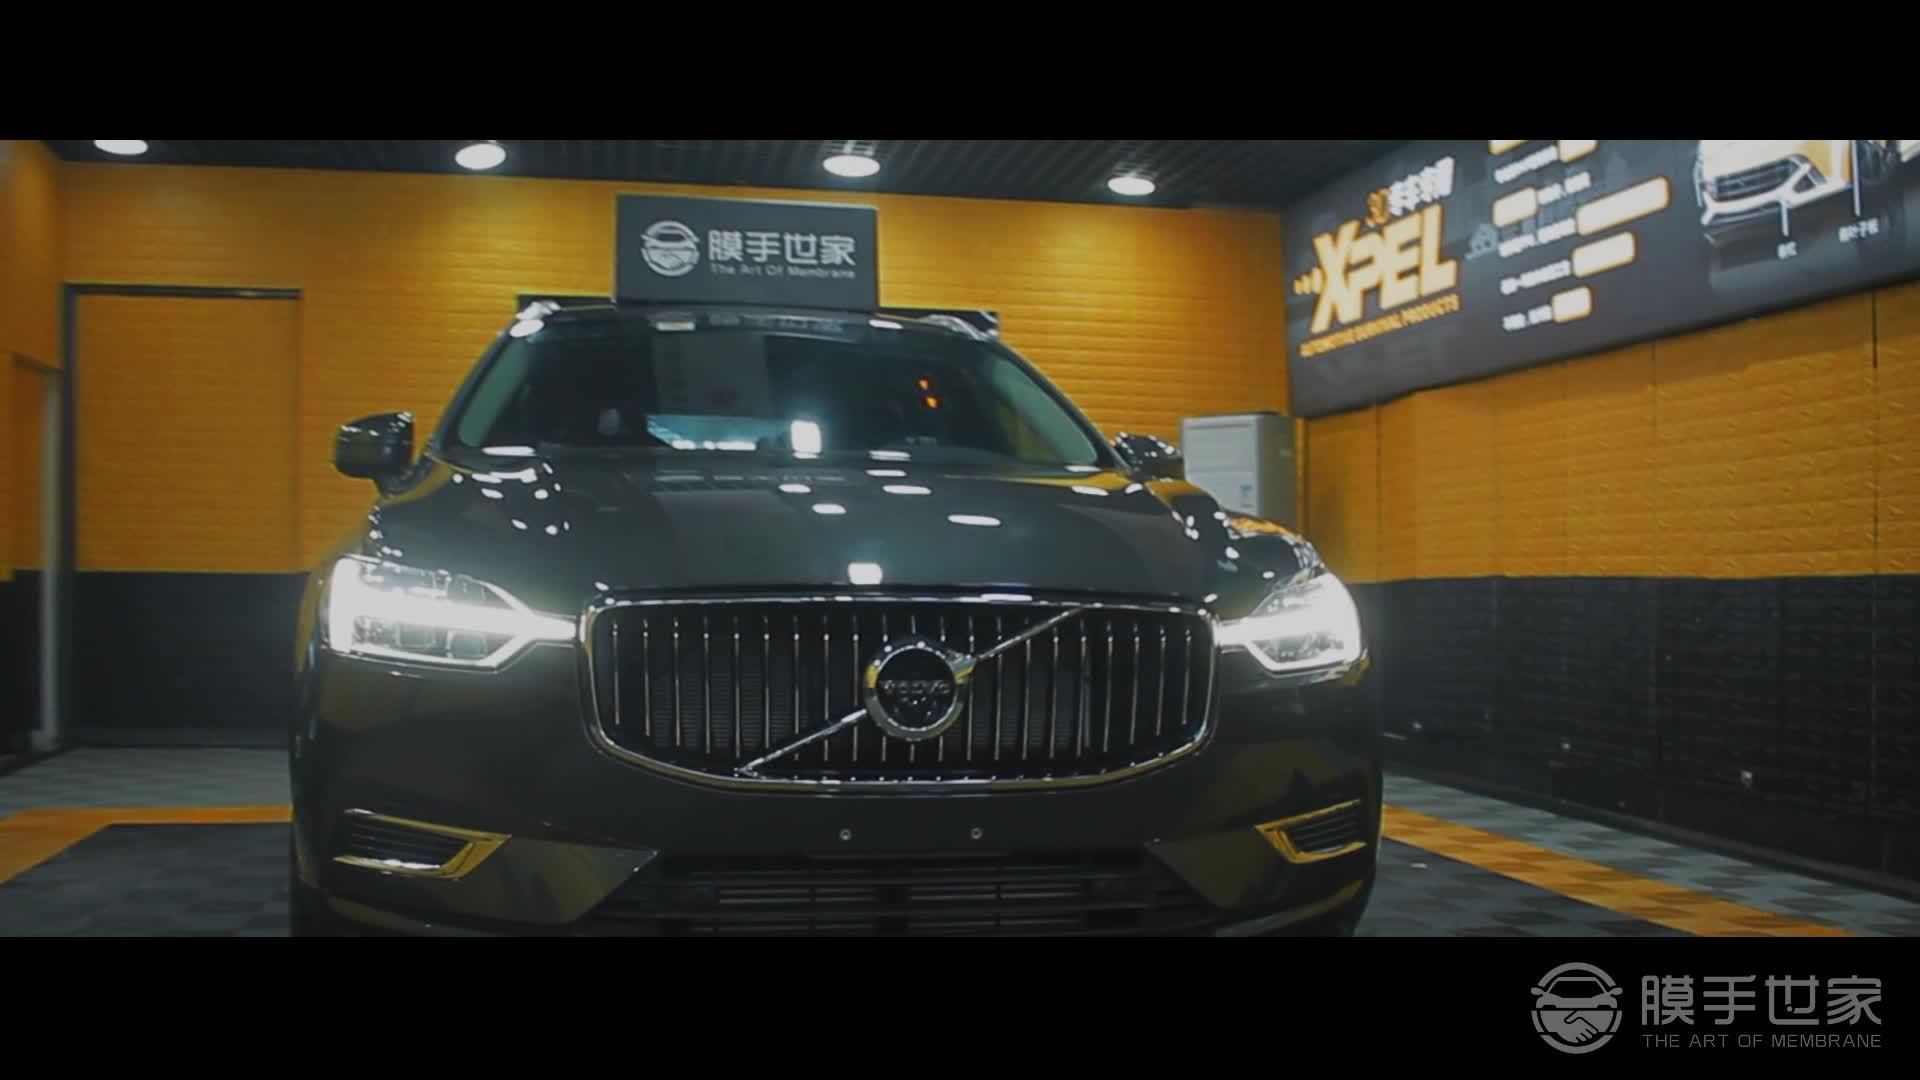 沃尔沃XC60贴威固汽车隔热膜视频效果